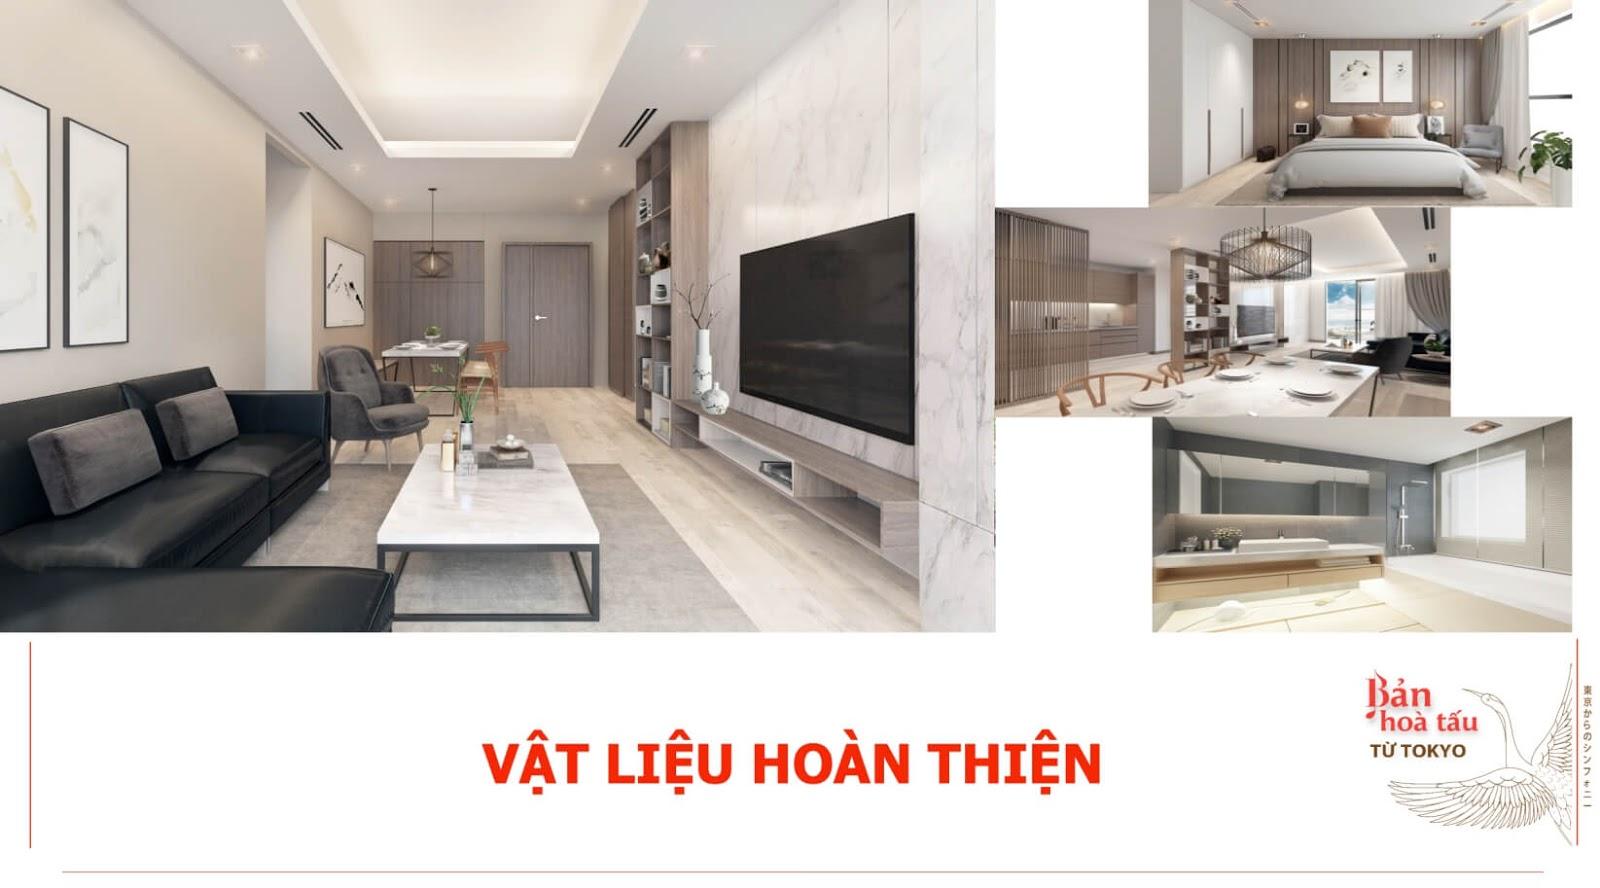 Vật liệu hoàn thiện của dự án Hinode City 201 Minh Khai